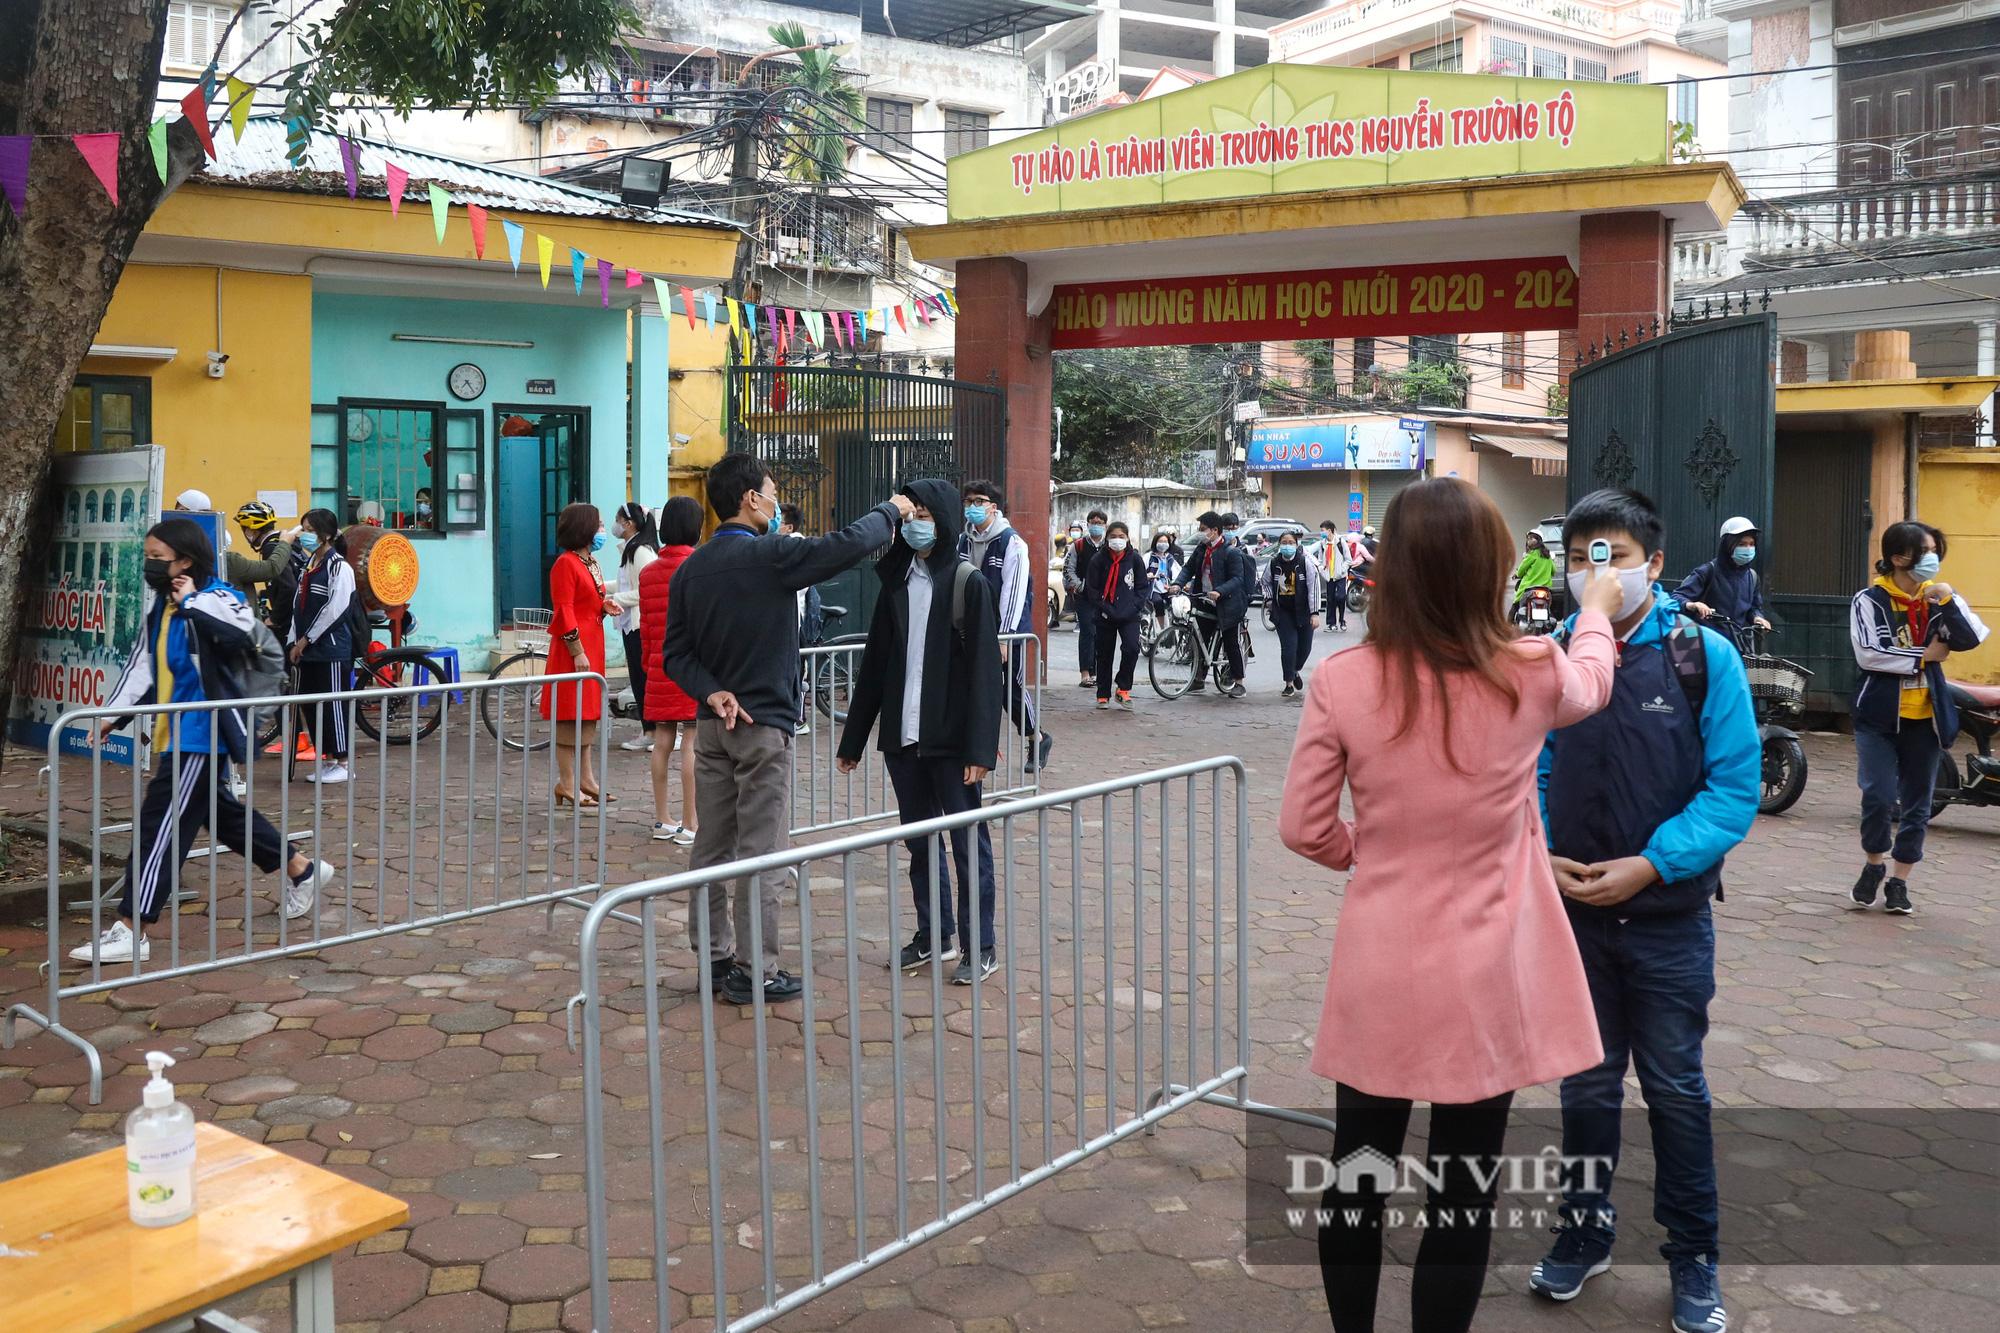 Đi học trở lại sau 30 ngày nghỉ Tết, học sinh Hà Nội được nhận lì xì - Ảnh 1.